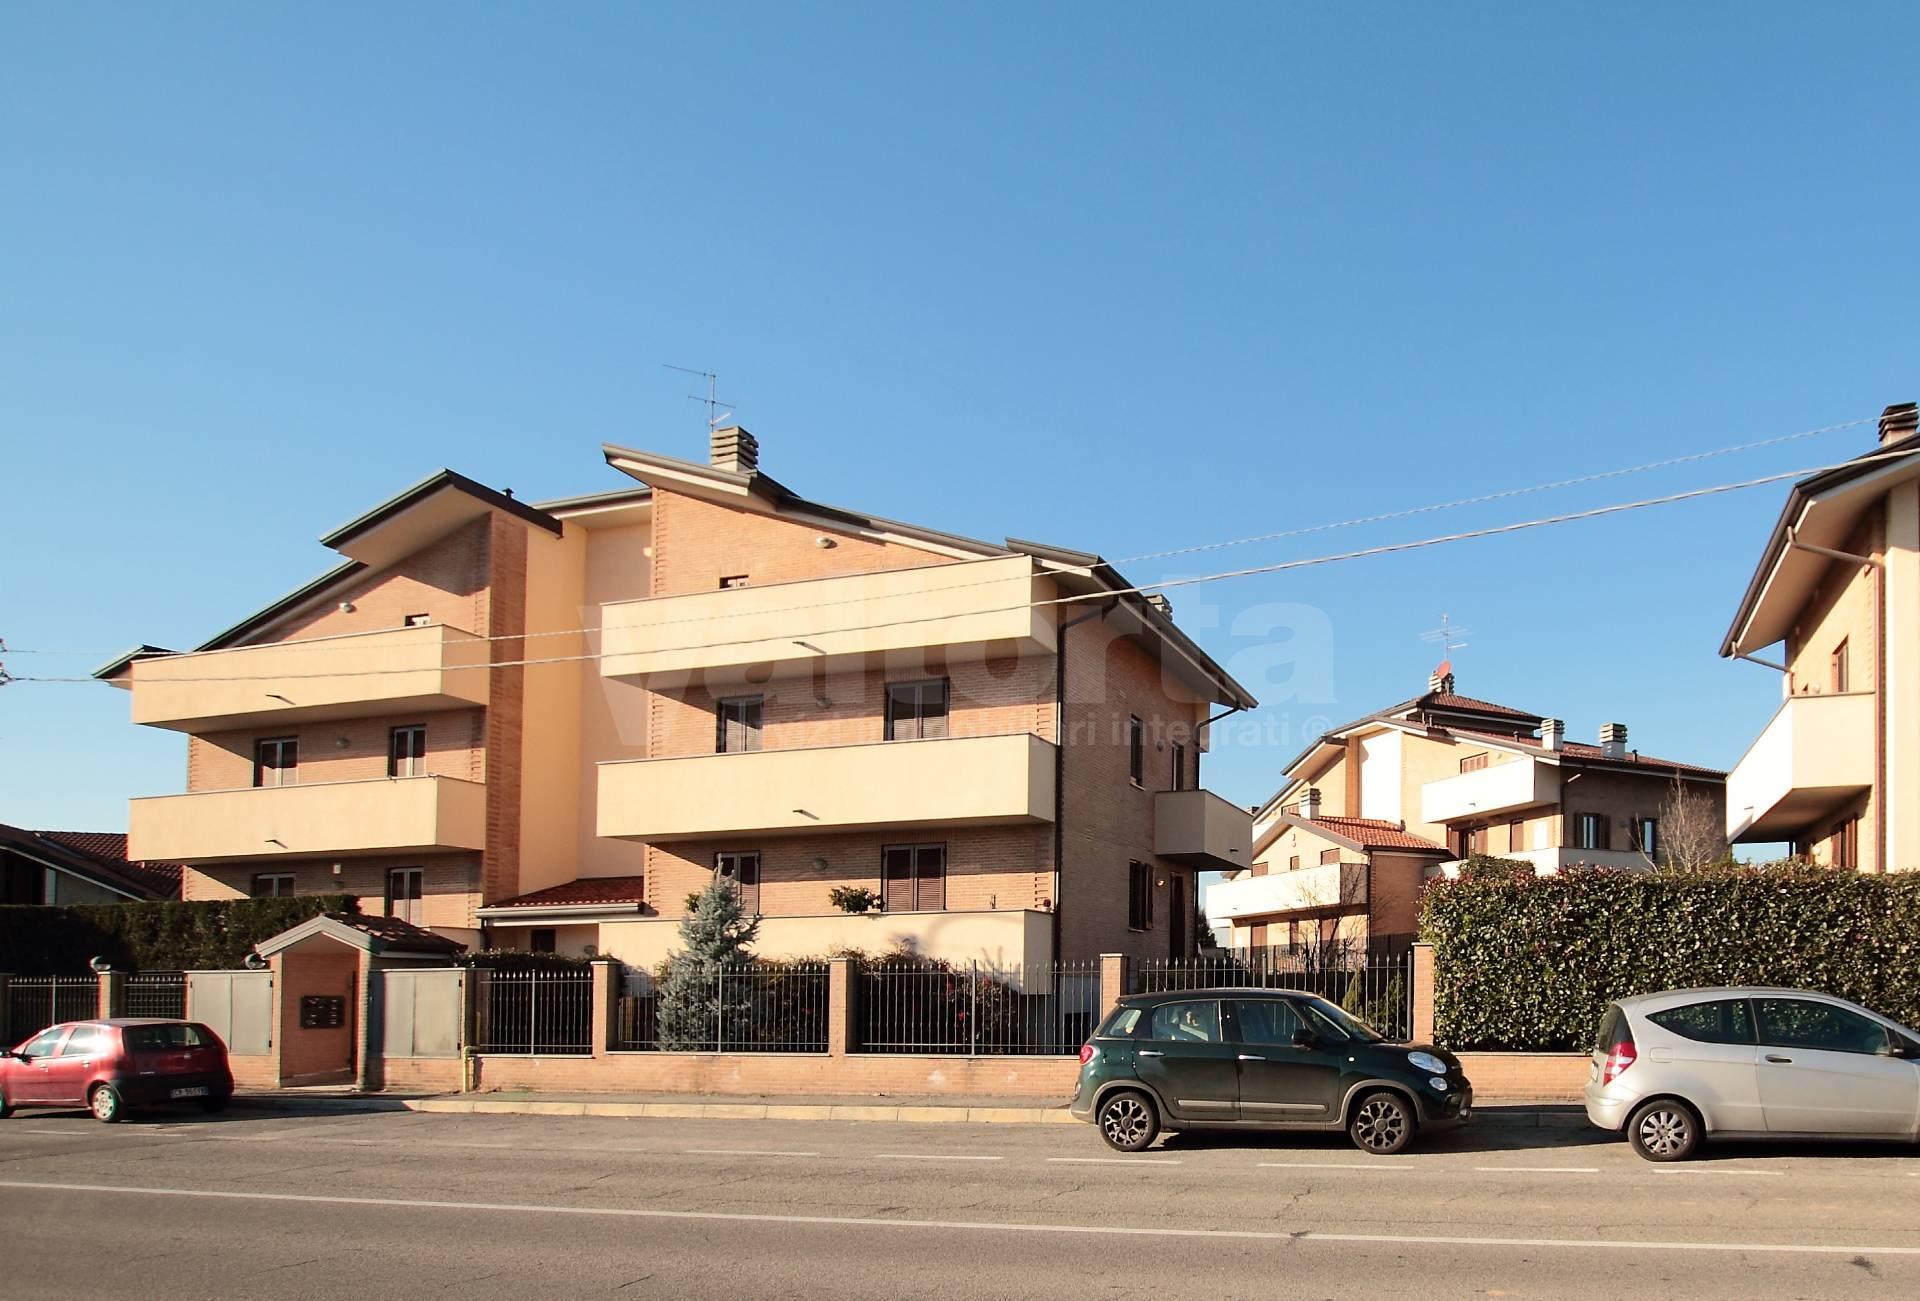 Appartamento in vendita a Misinto, 3 locali, prezzo € 218.000 | PortaleAgenzieImmobiliari.it